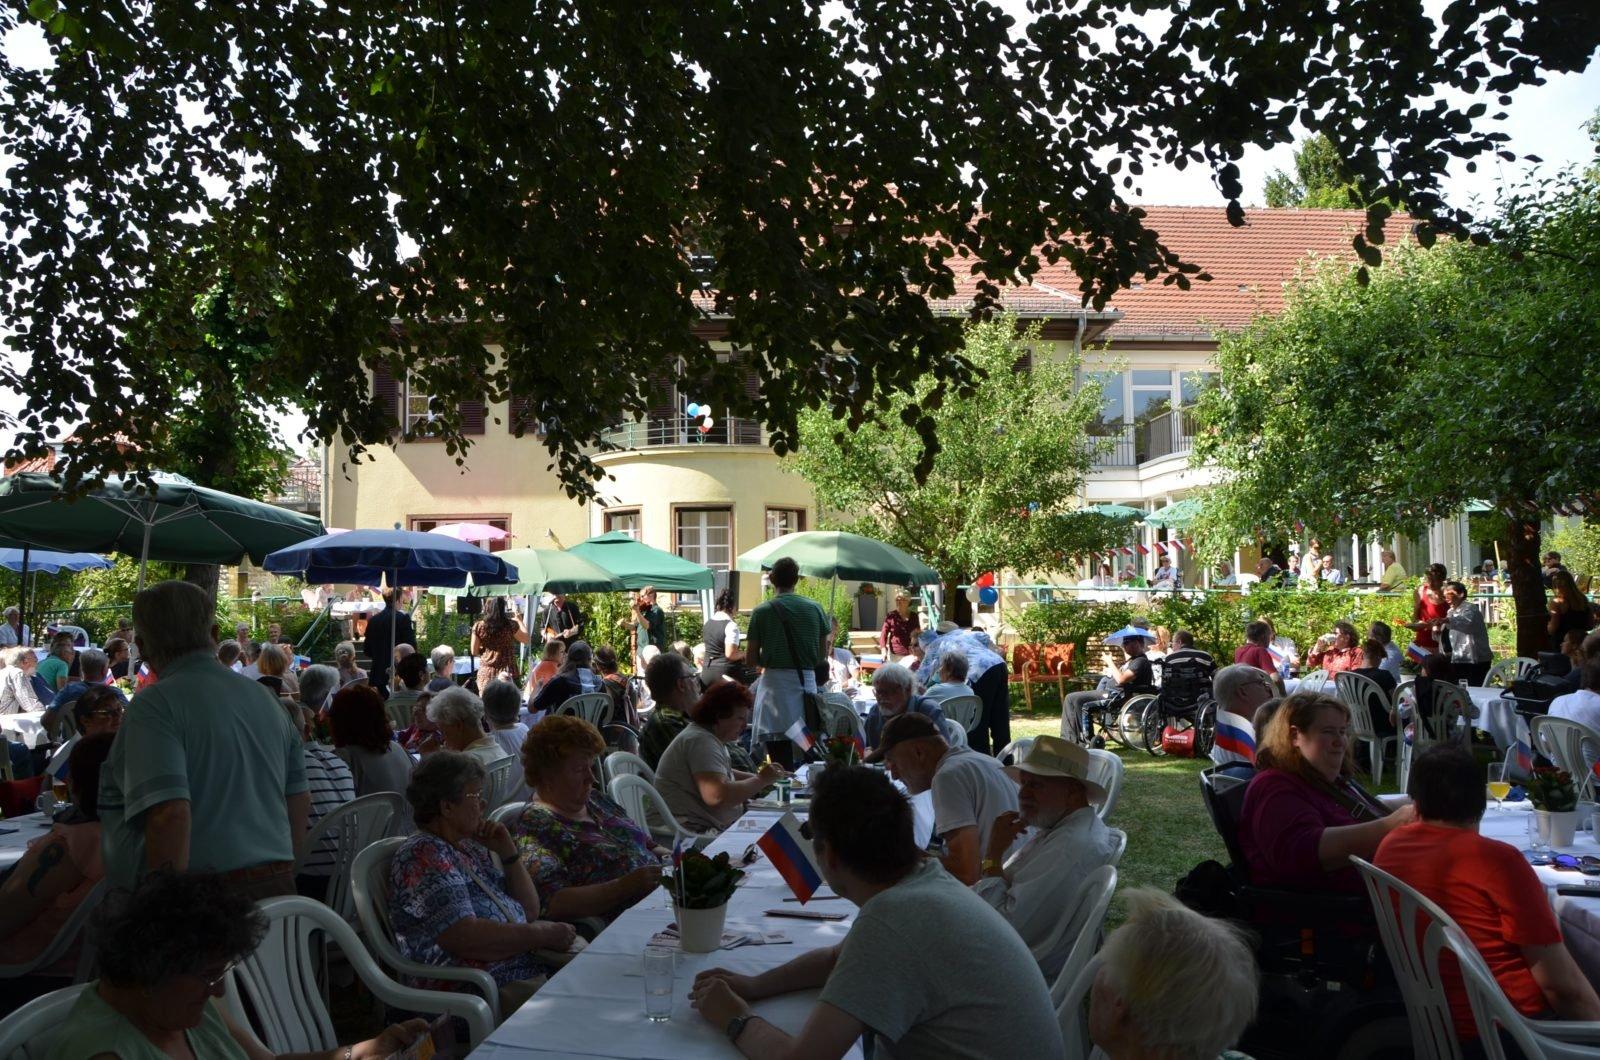 Viele Menschen sitzen an Gartentischen auf Gartenstühlen und in Rollstühlen im Garten. die Sonne scheint. Im Hintergrund sind Bäume und die Villa Donnersmarck zu sehen.